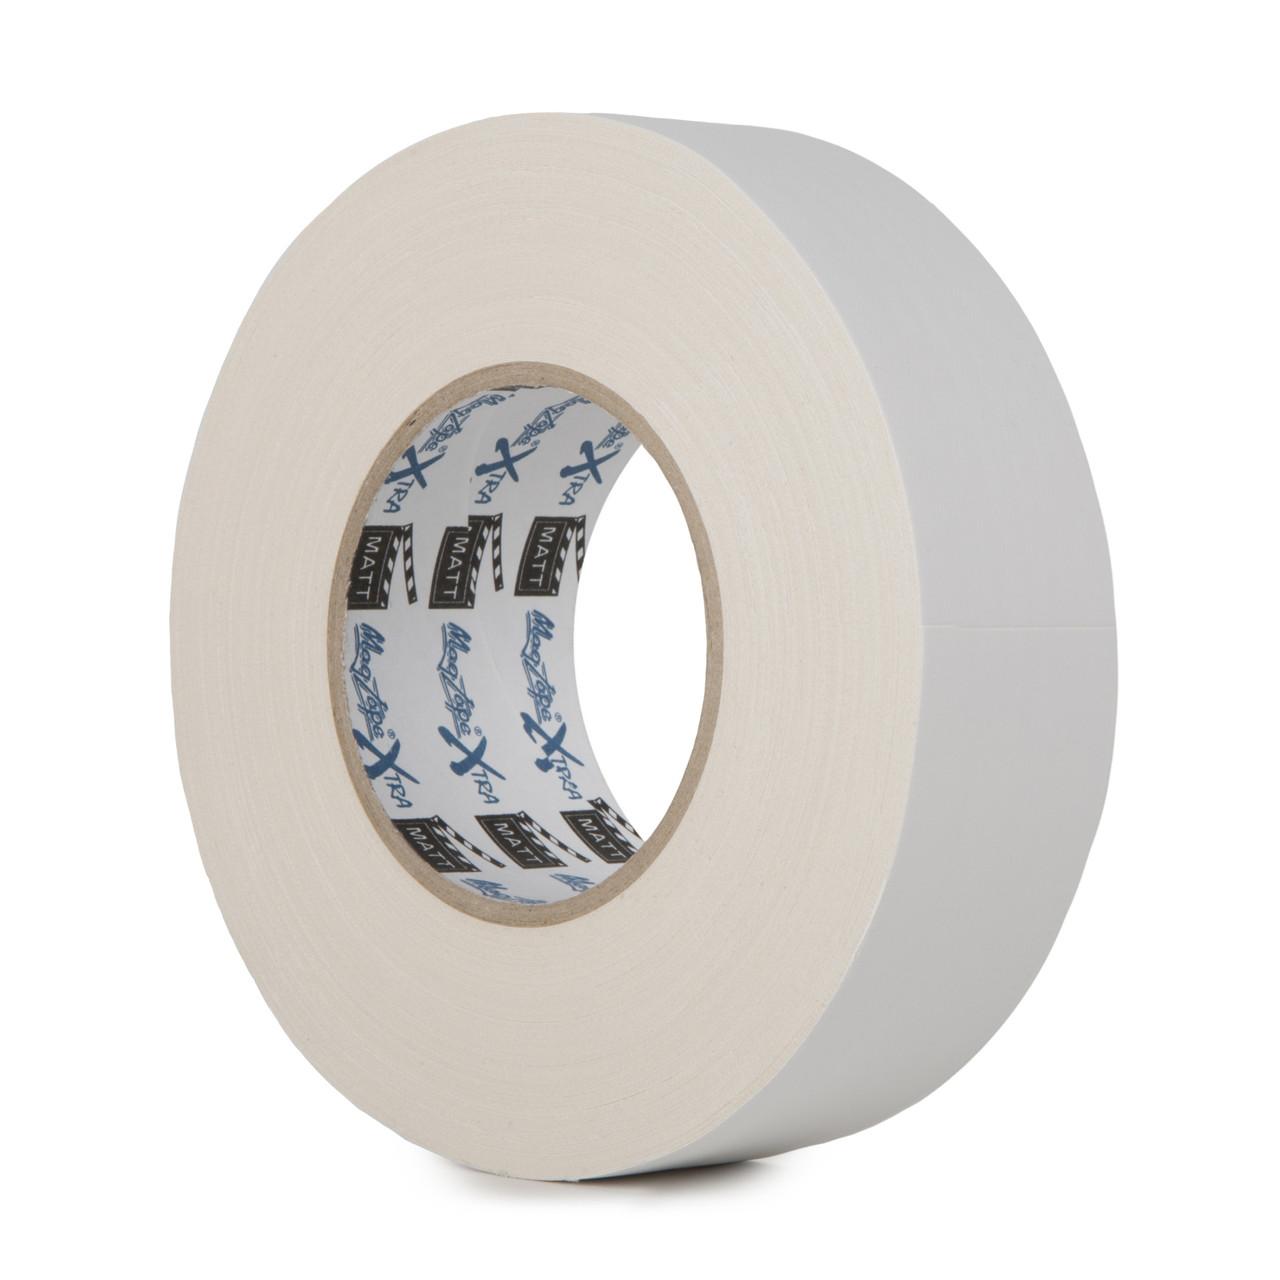 Матовая клейкая лента LE MARK MAGTAPE™ XTRA MATT 25мм x 50м White (MATTCTME25W)